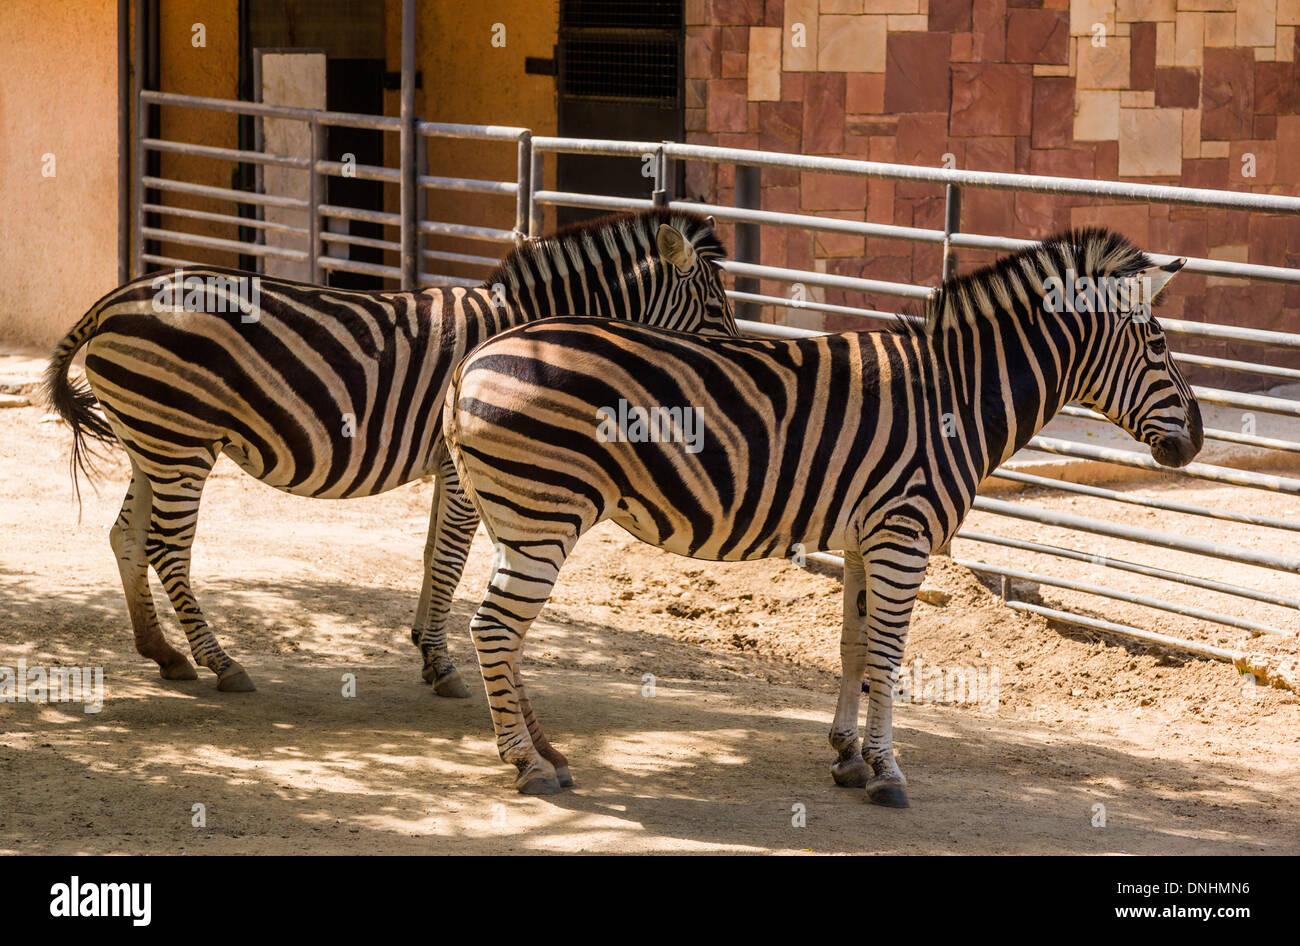 Les zèbres de Chapman (Equus quagga chapmani) dans un zoo, le Zoo de Barcelone, Barcelone, Catalogne, Espagne Banque D'Images